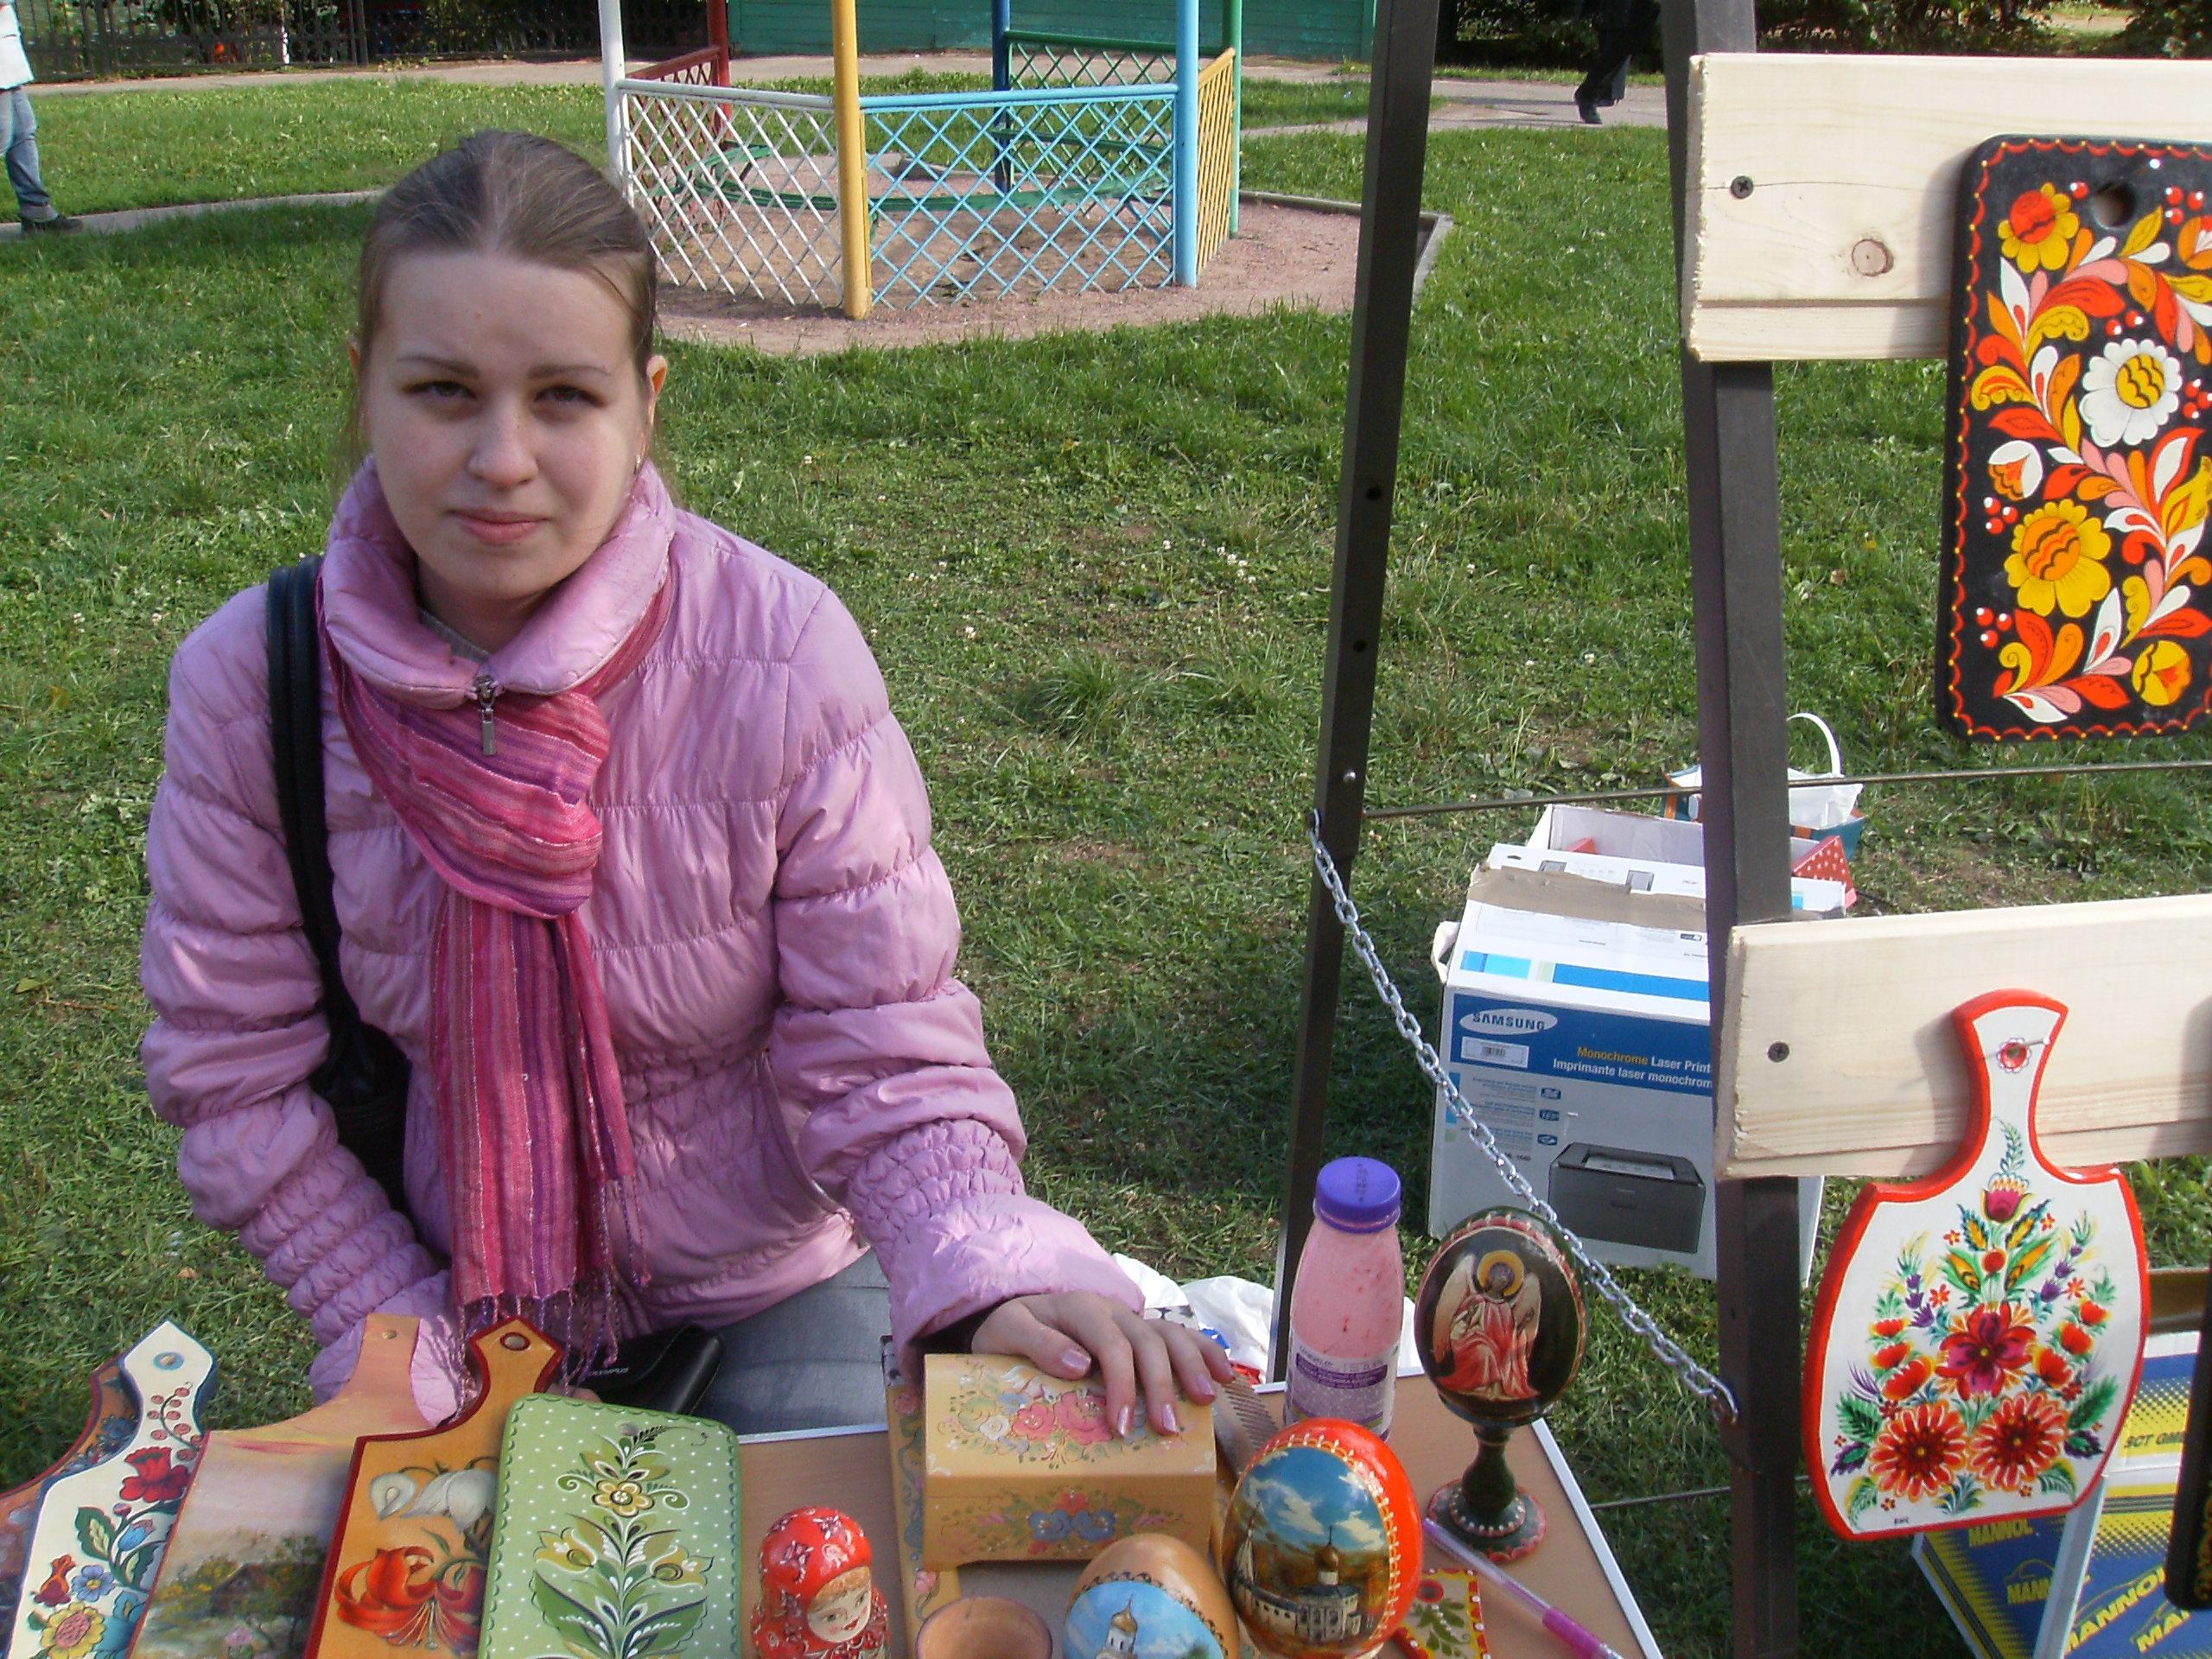 Вакансии росписи по дереву в москве